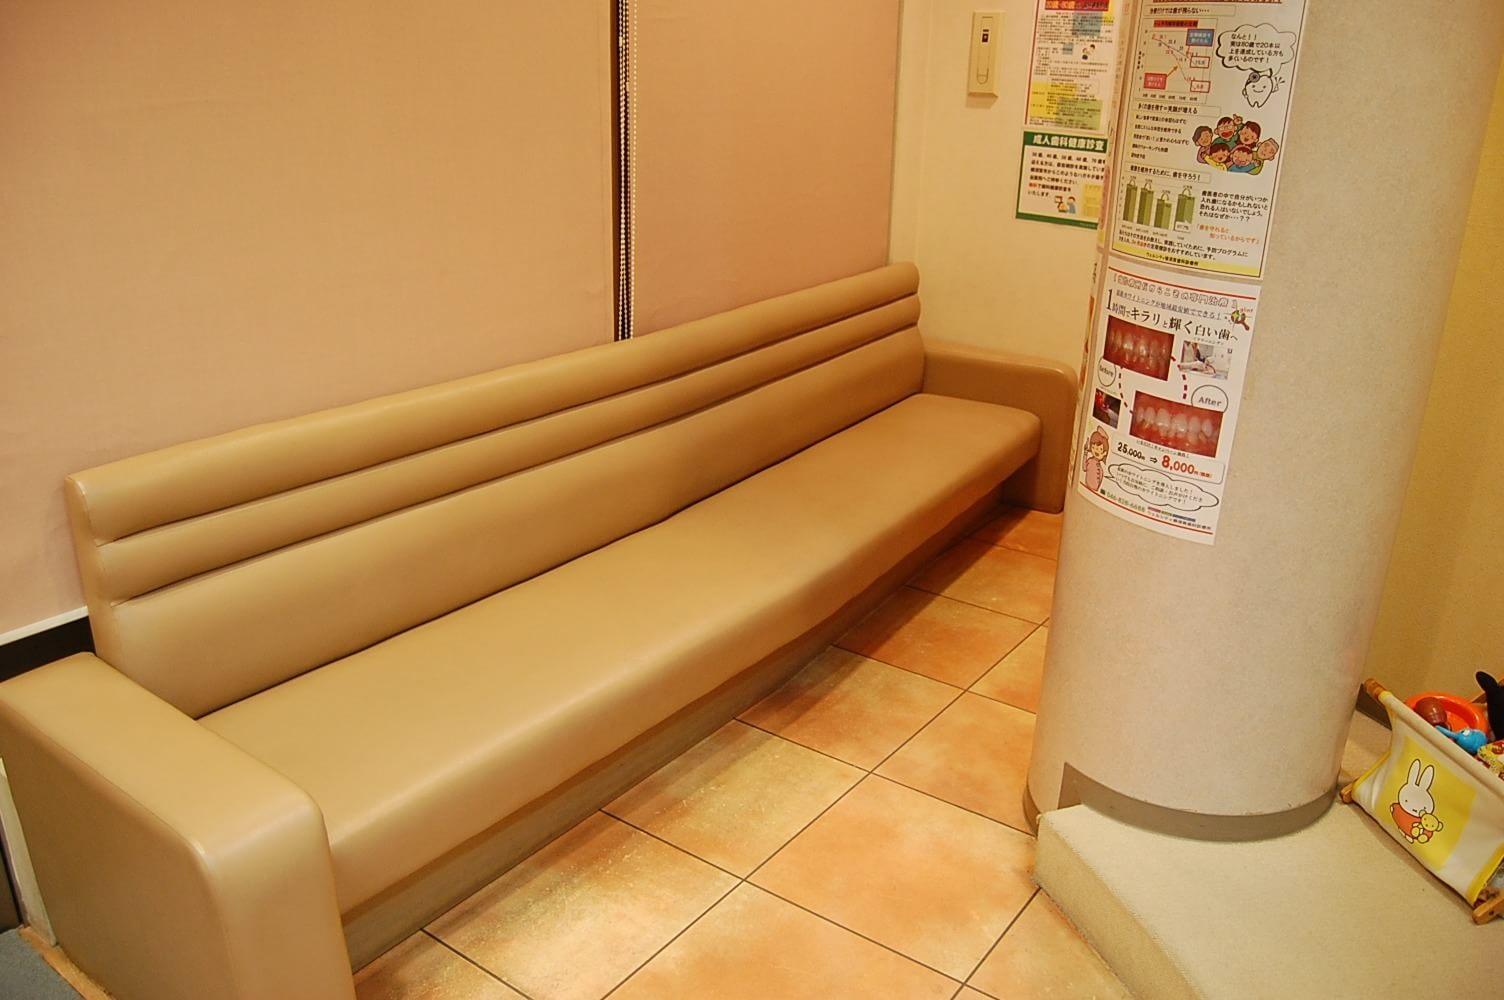 ウェルシティ横須賀歯科診療所の画像